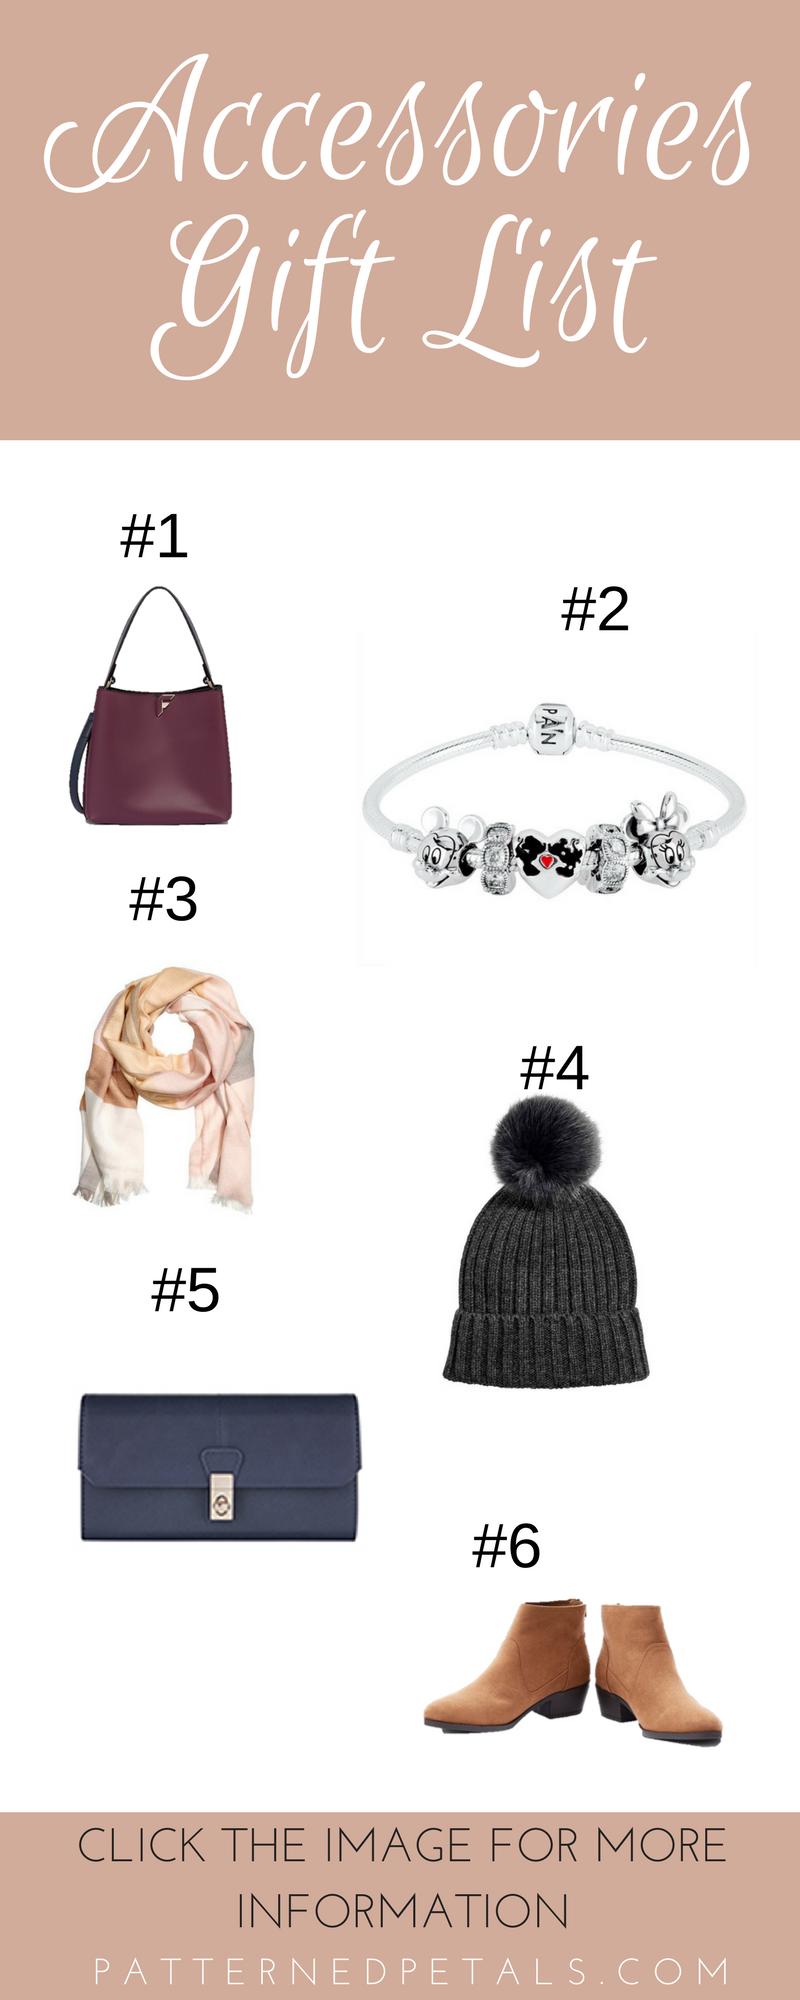 Accessories Gift List